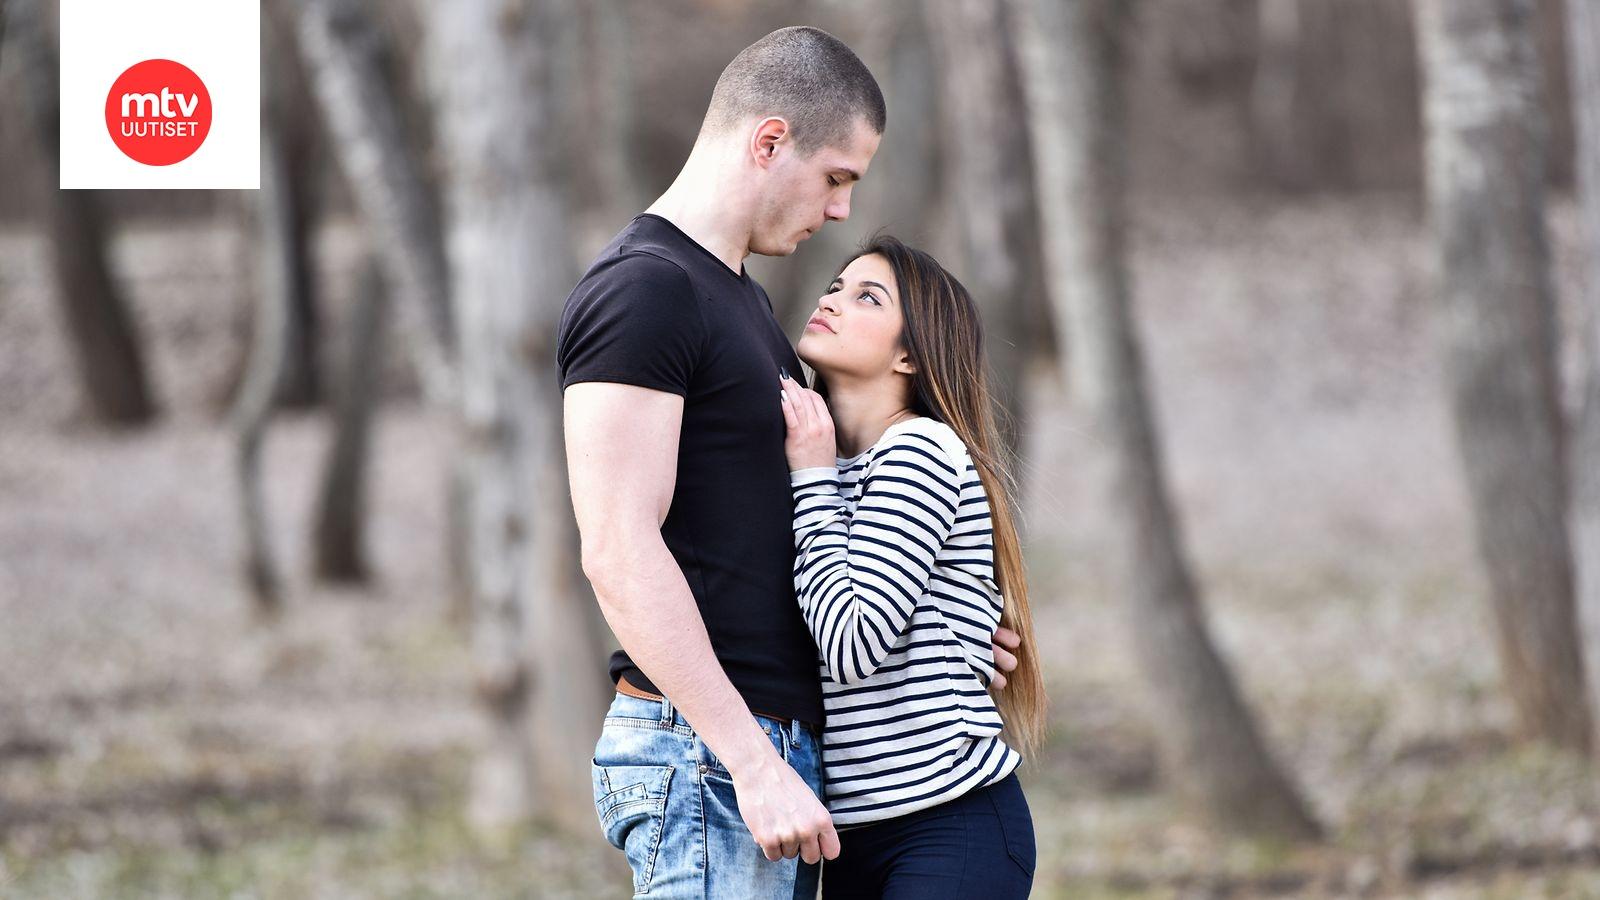 Mitä tehdä, kun uudelleen dating juutalainen